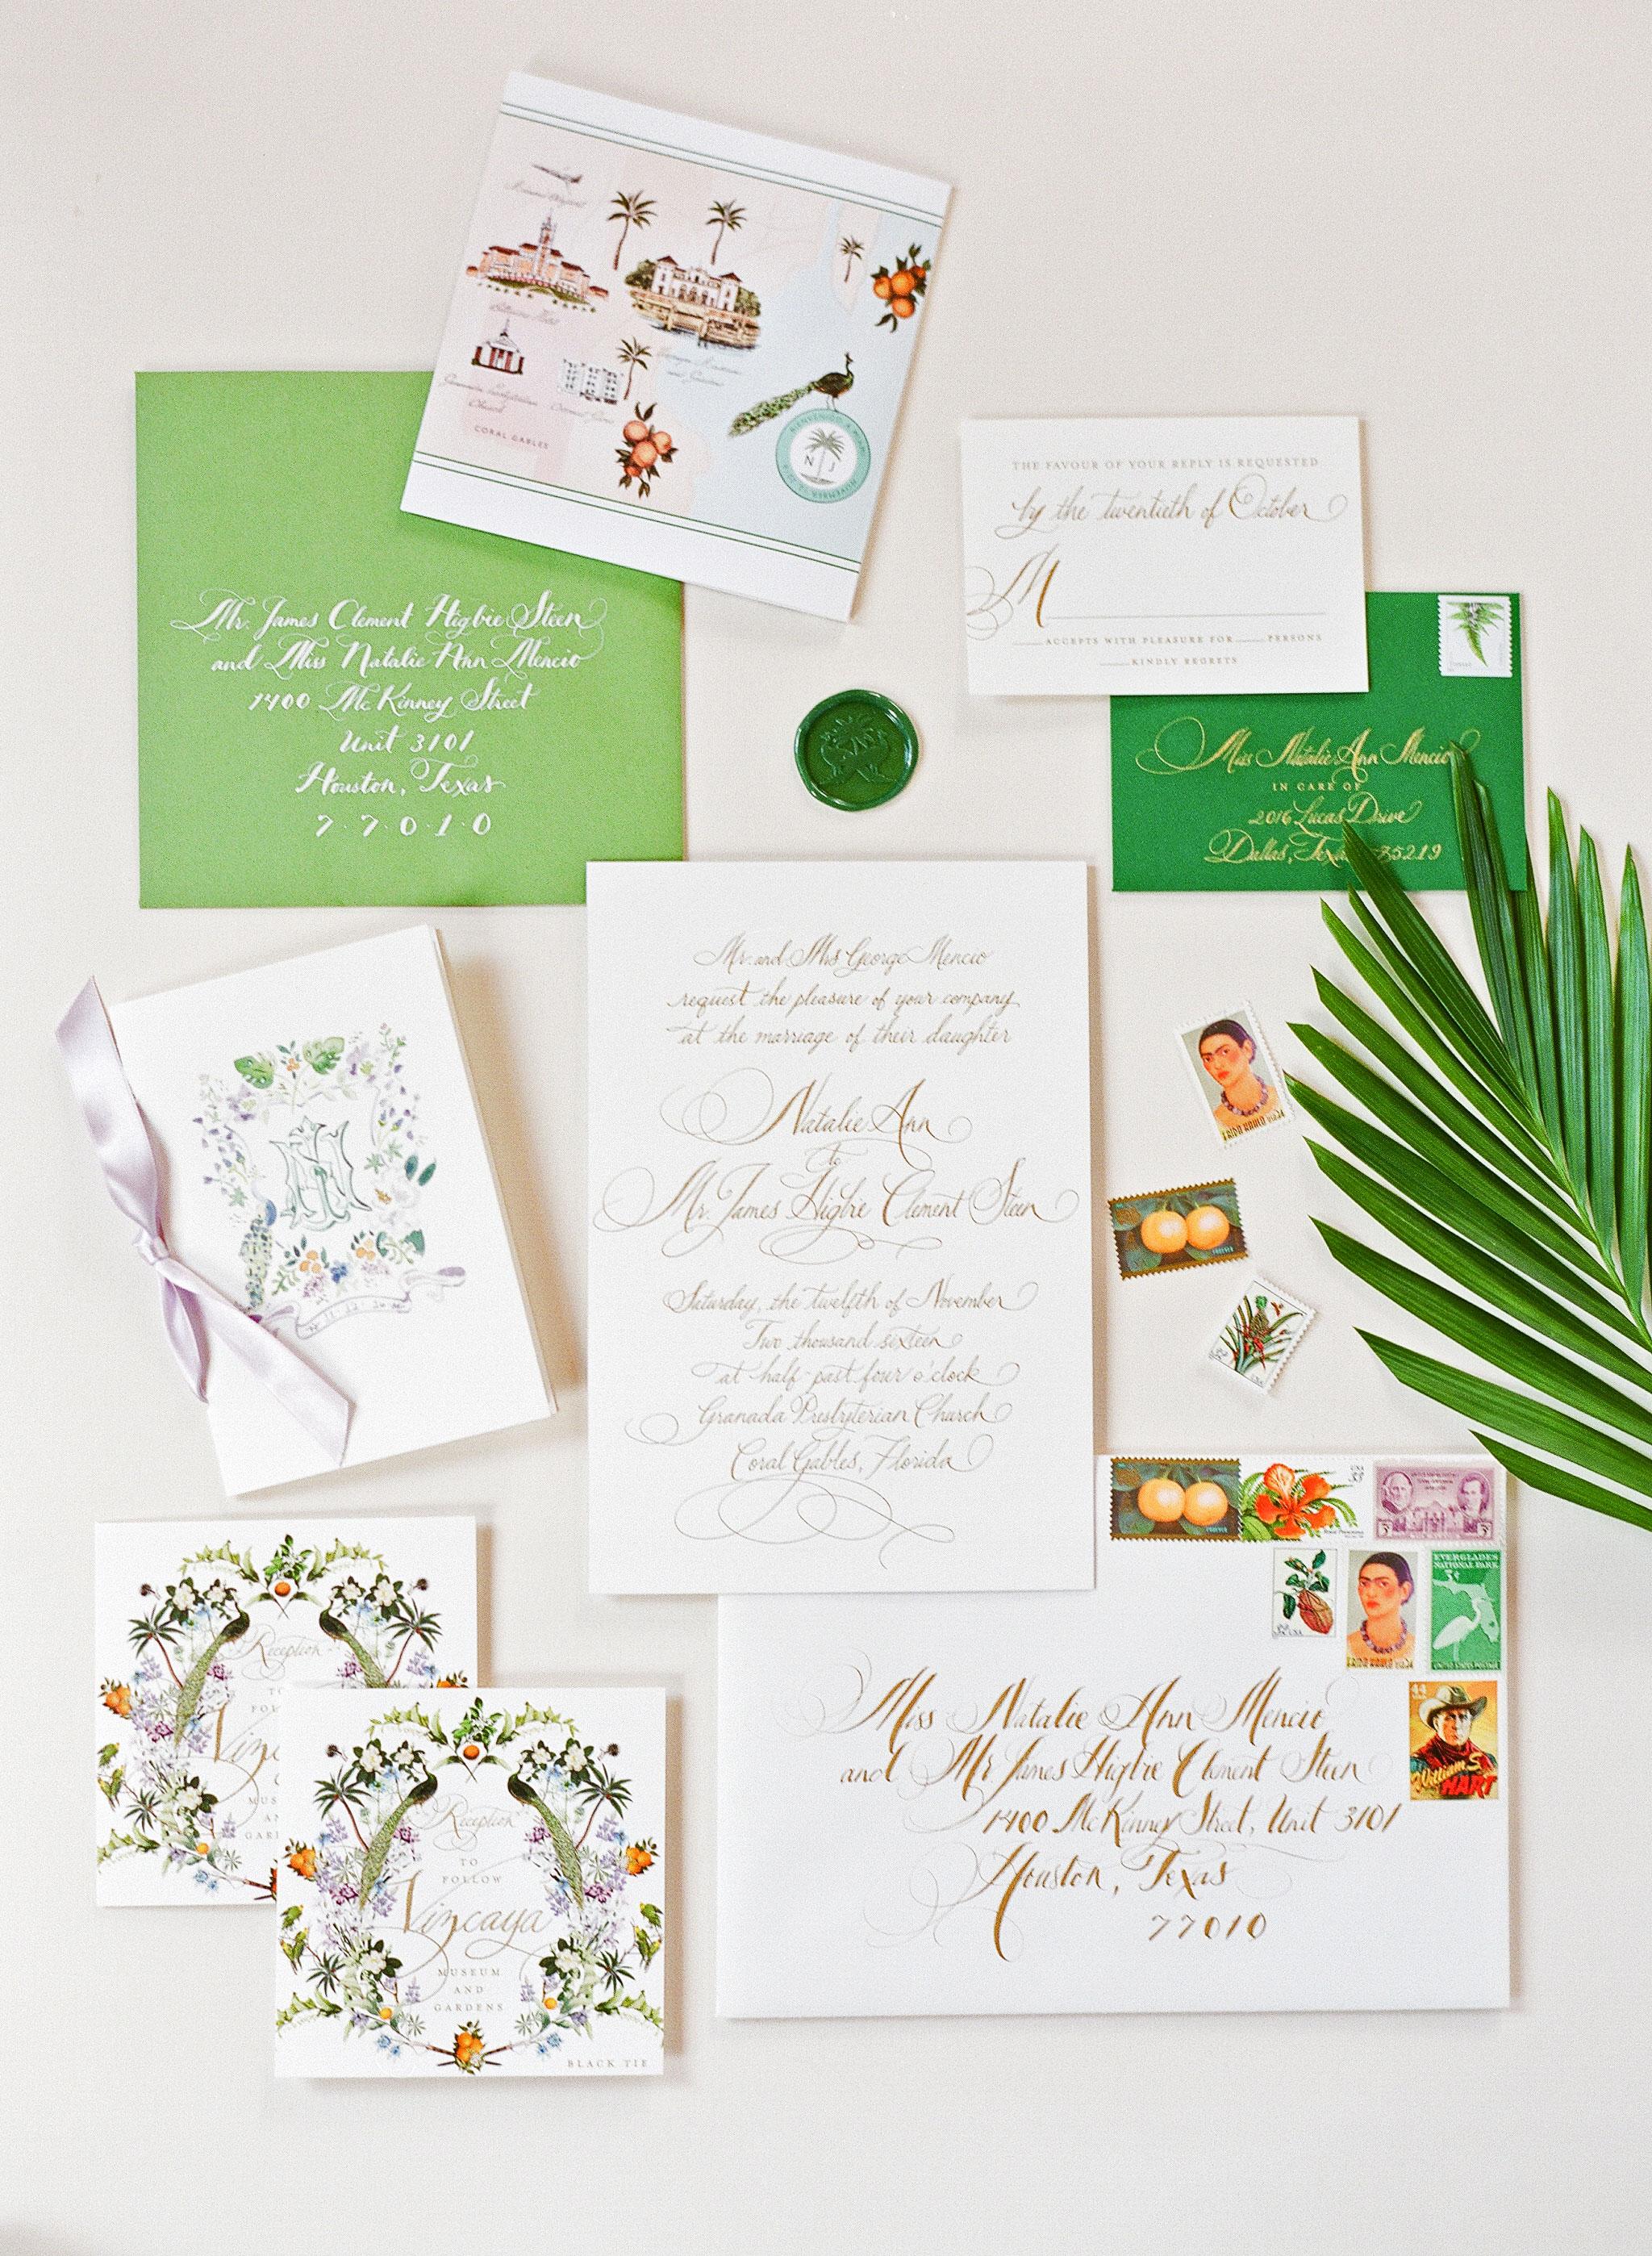 natalie jamey wedding stationery